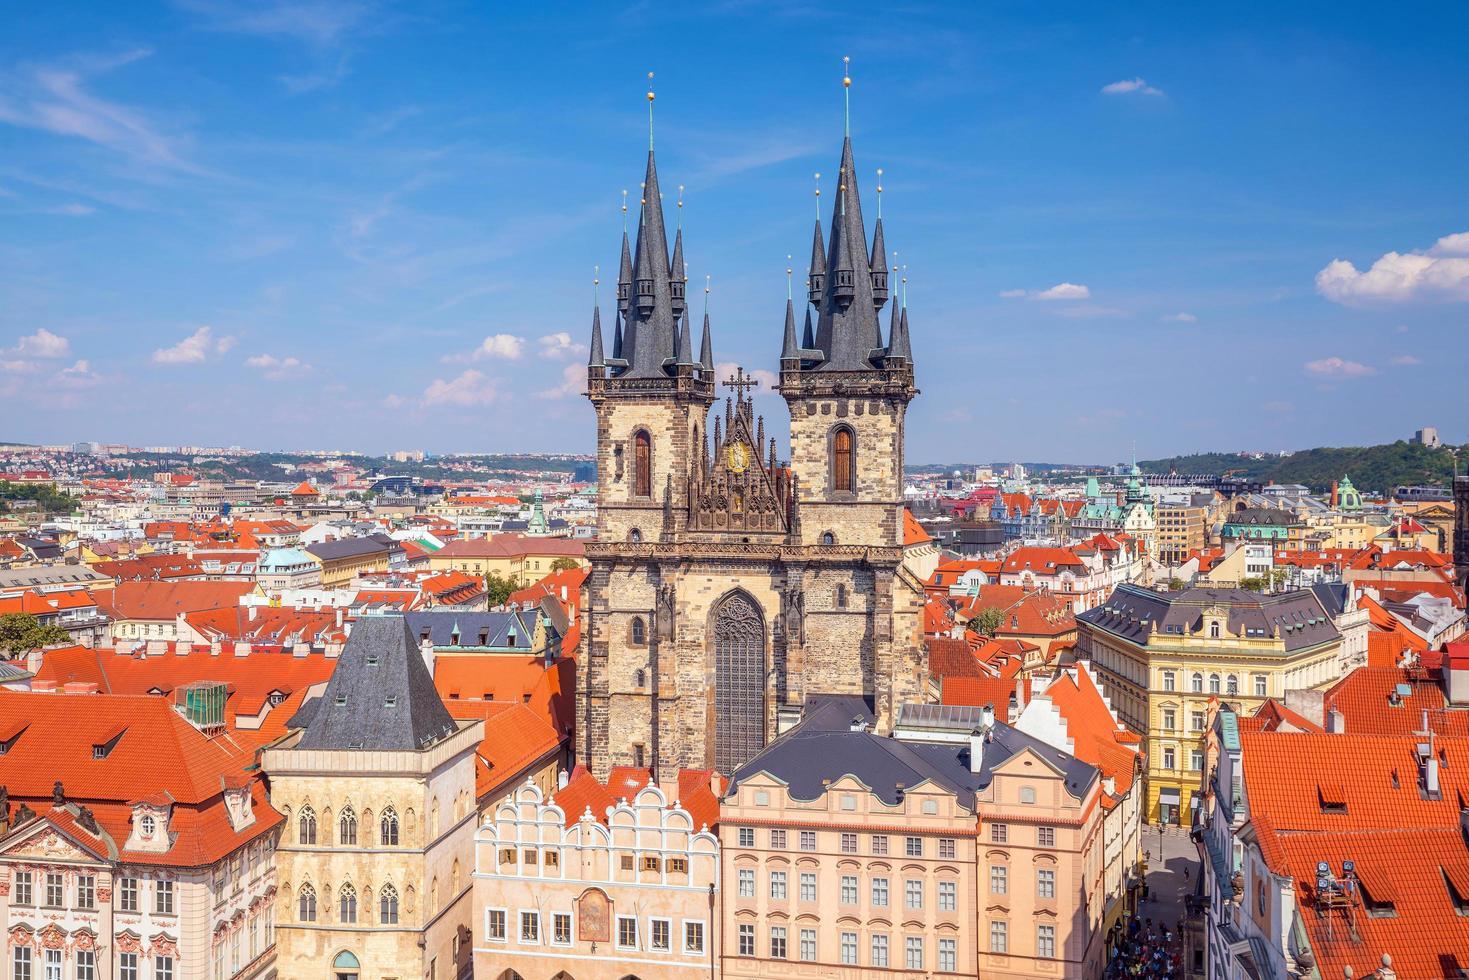 oude stadsplein, Praag, Tsjechië foto